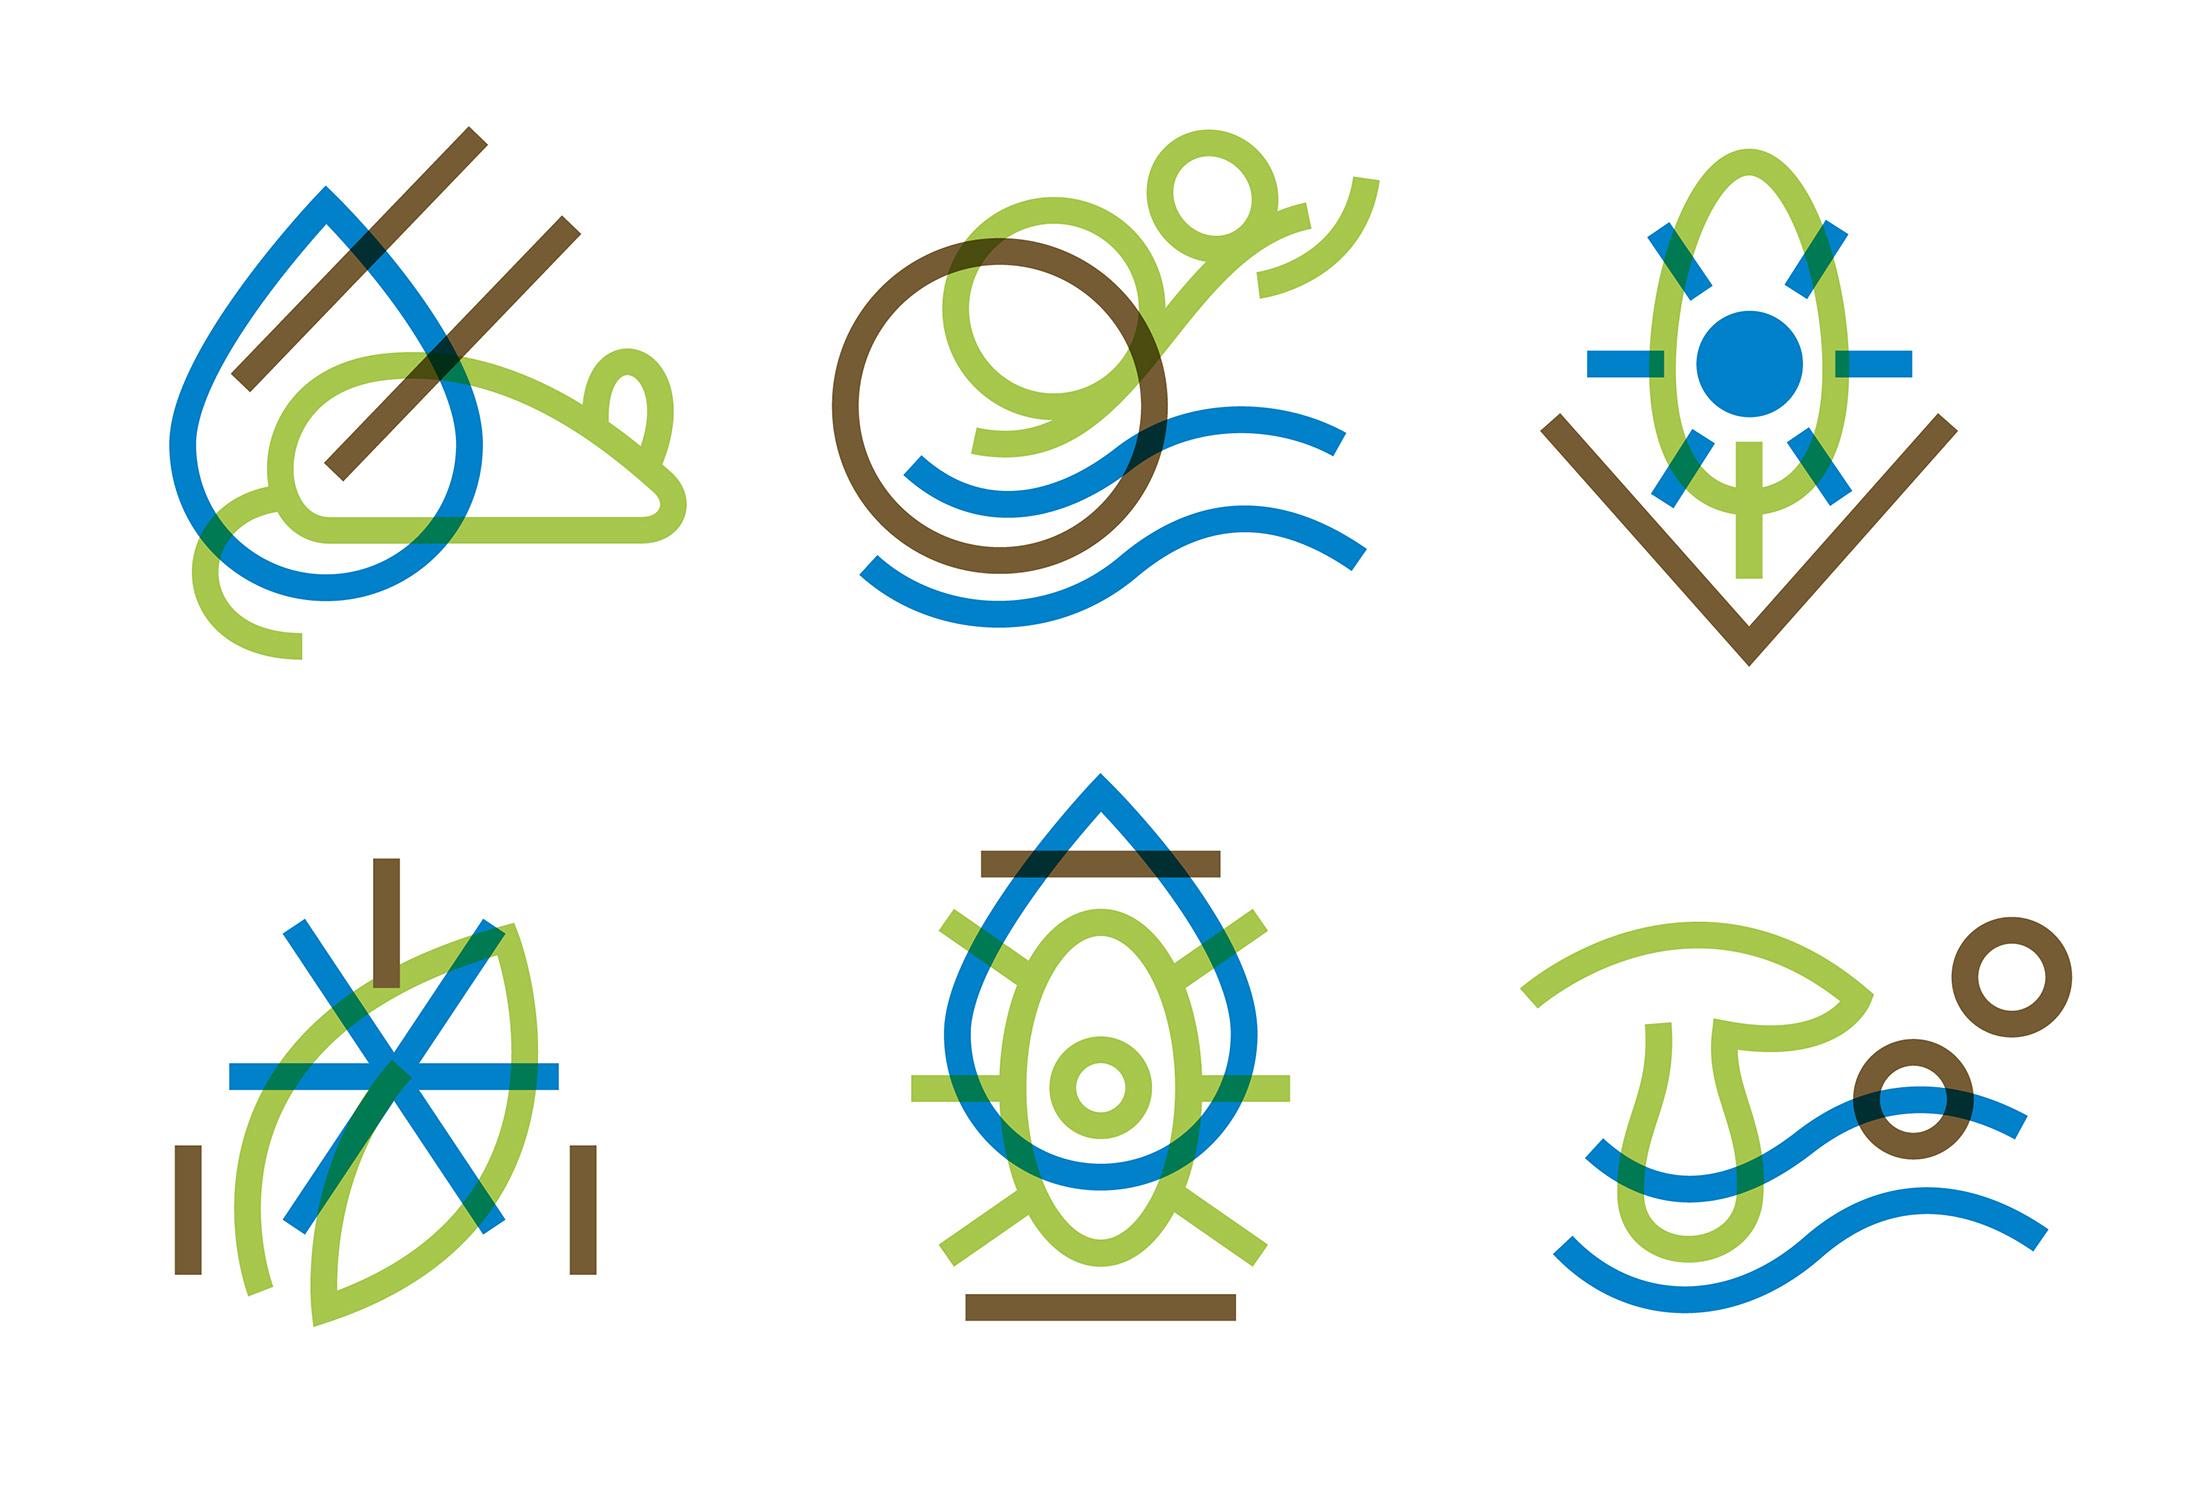 Что такое почва? Центральный Музей почвоведения им. В.В. Докучаева. Логотип и фирменный стиль. Музейный брендинг в Санкт-Петербурге. Коммуникационное агентство WeDESIGN | МыДИЗАЙН, агентство мыдизайн, агентство wedesign, креативное агентство, дизайн студия, wedesign, мыдизайн, мы, www.мыдизайн.рф, www.wedesigngroup.ru, info@wedesigngroup.ru, +7 (812) 924-59-96